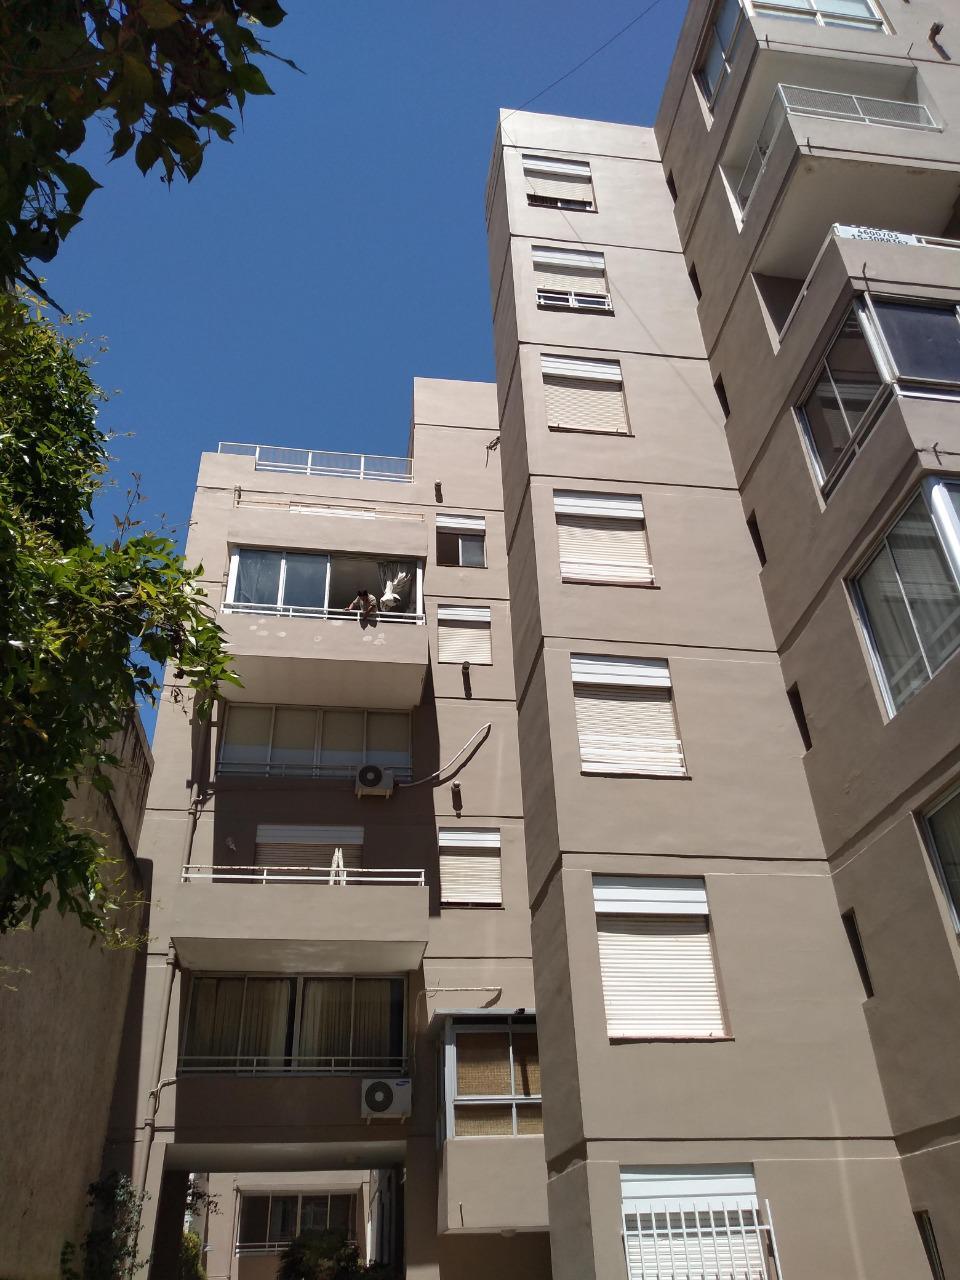 Foto Departamento en Venta |  en  Nueva Cordoba,  Capital  BUENOS AIRES al 1200